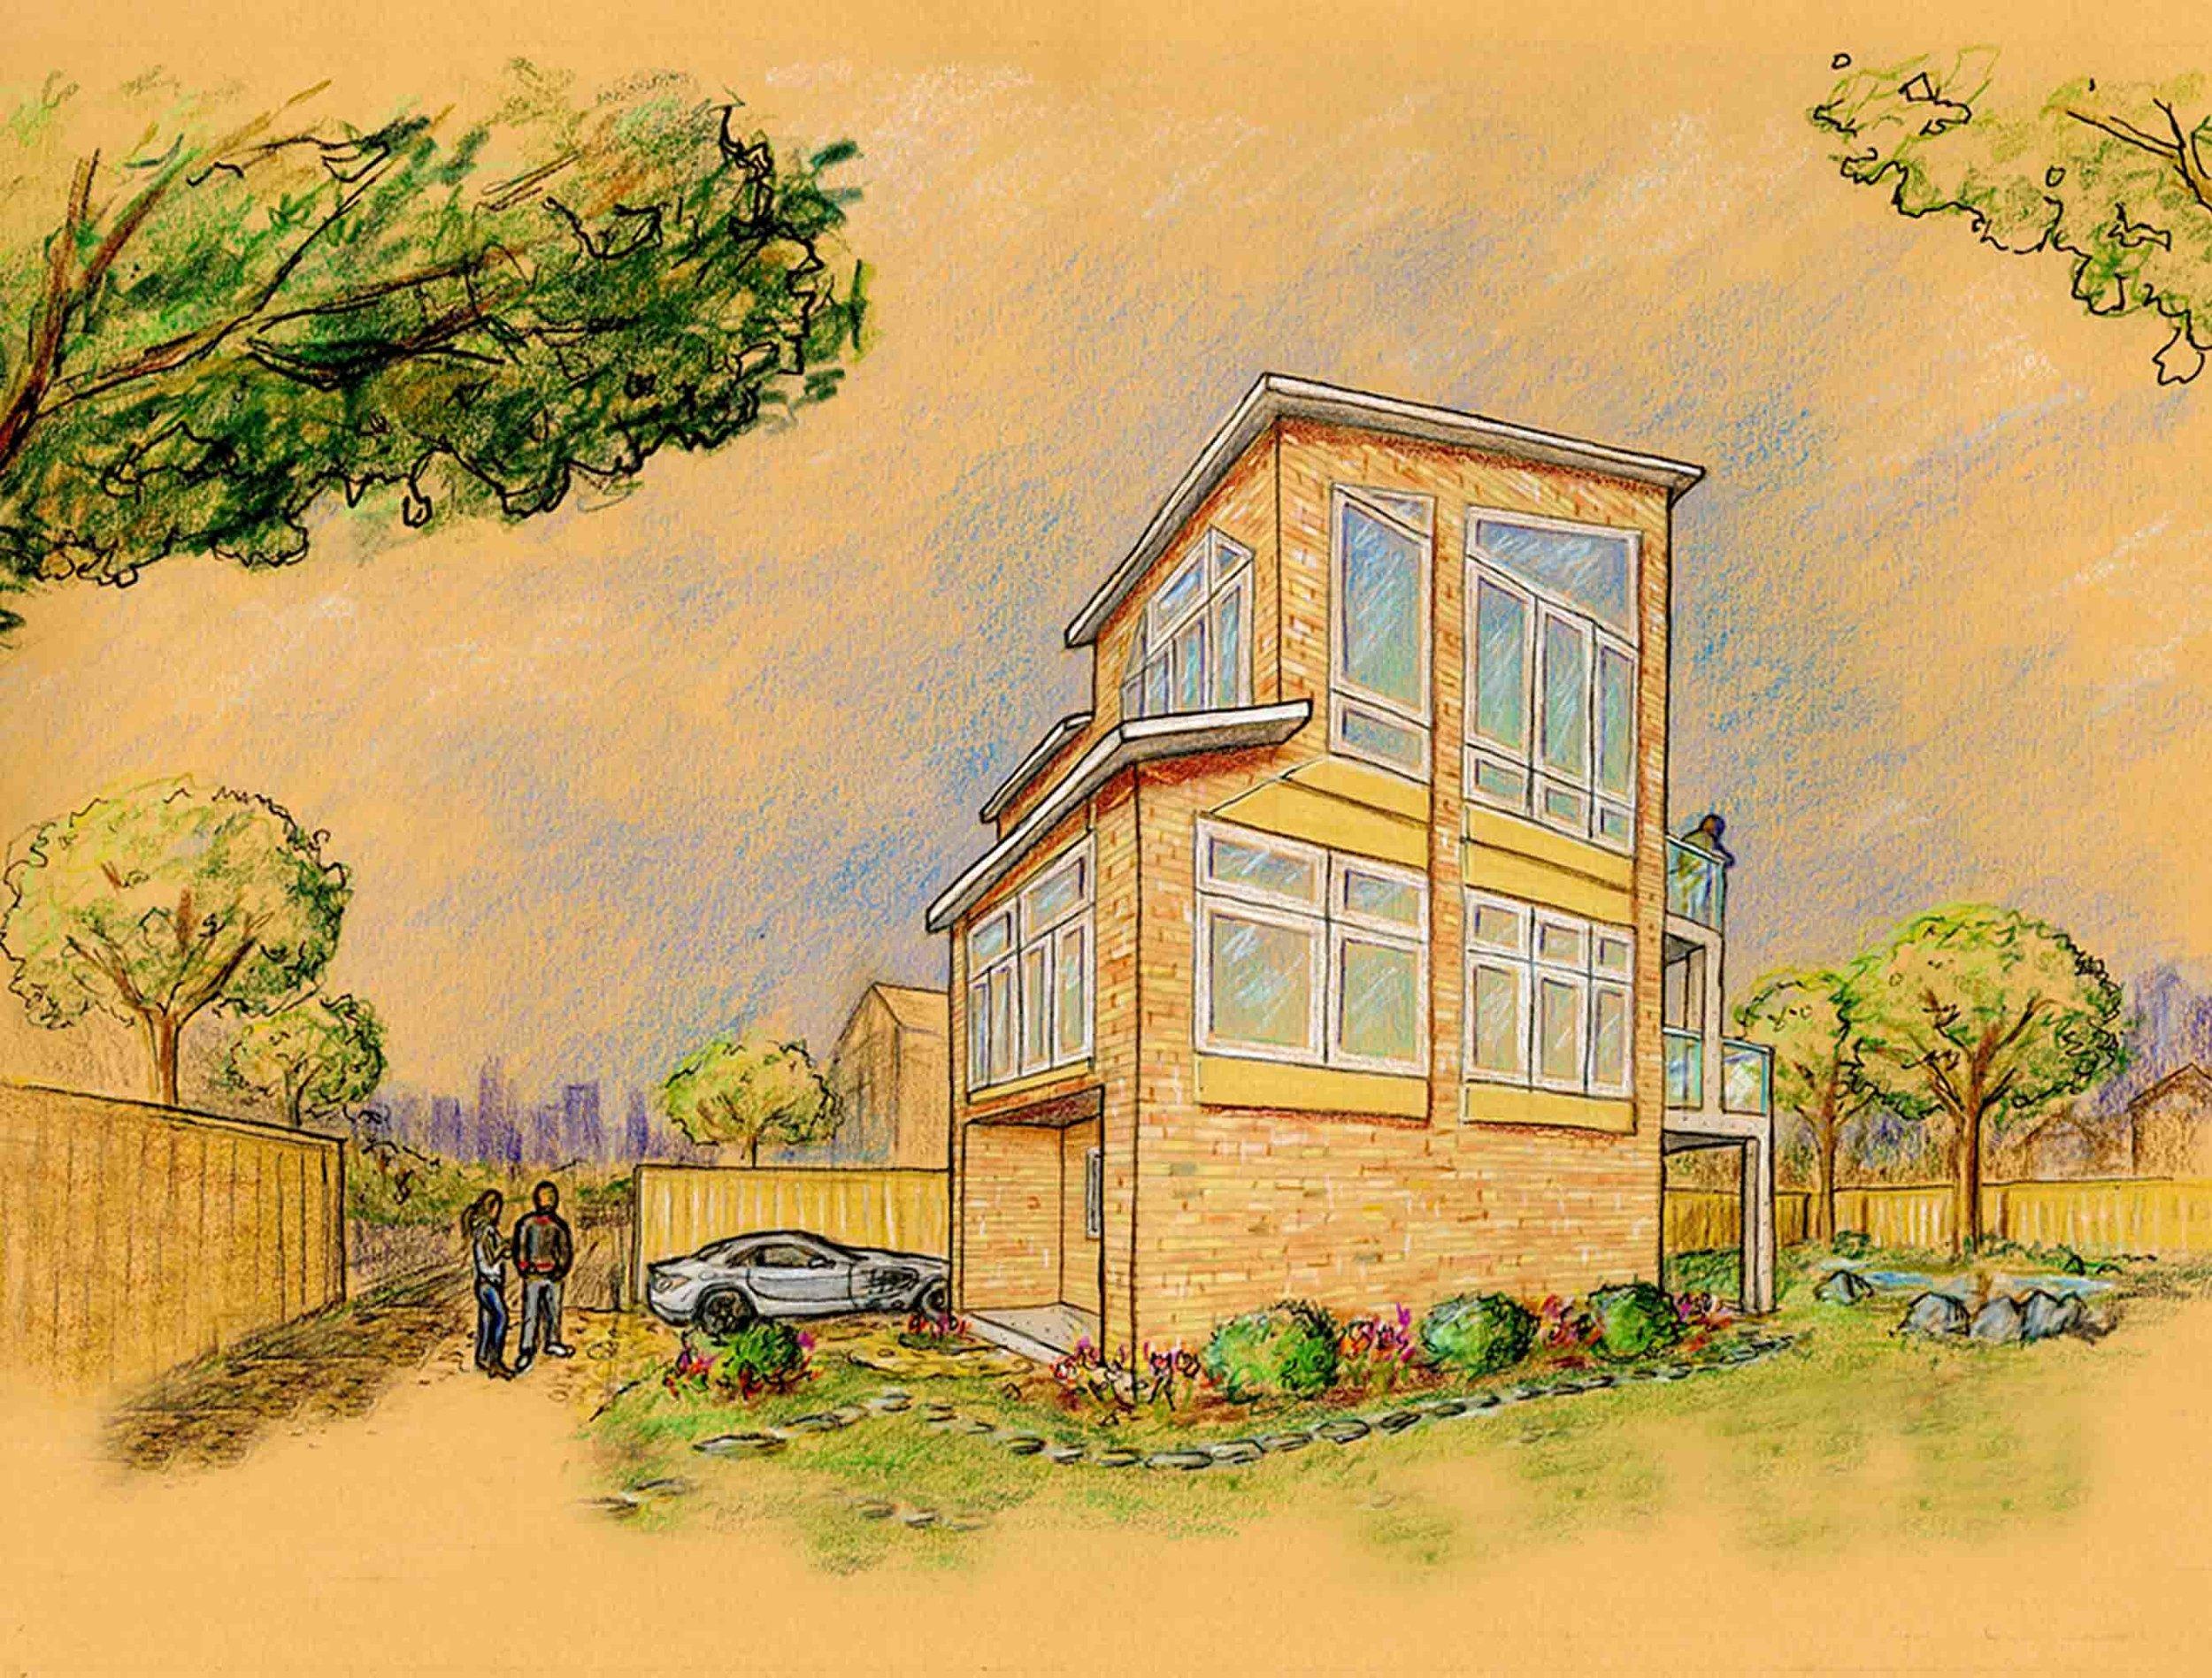 The Laneway House